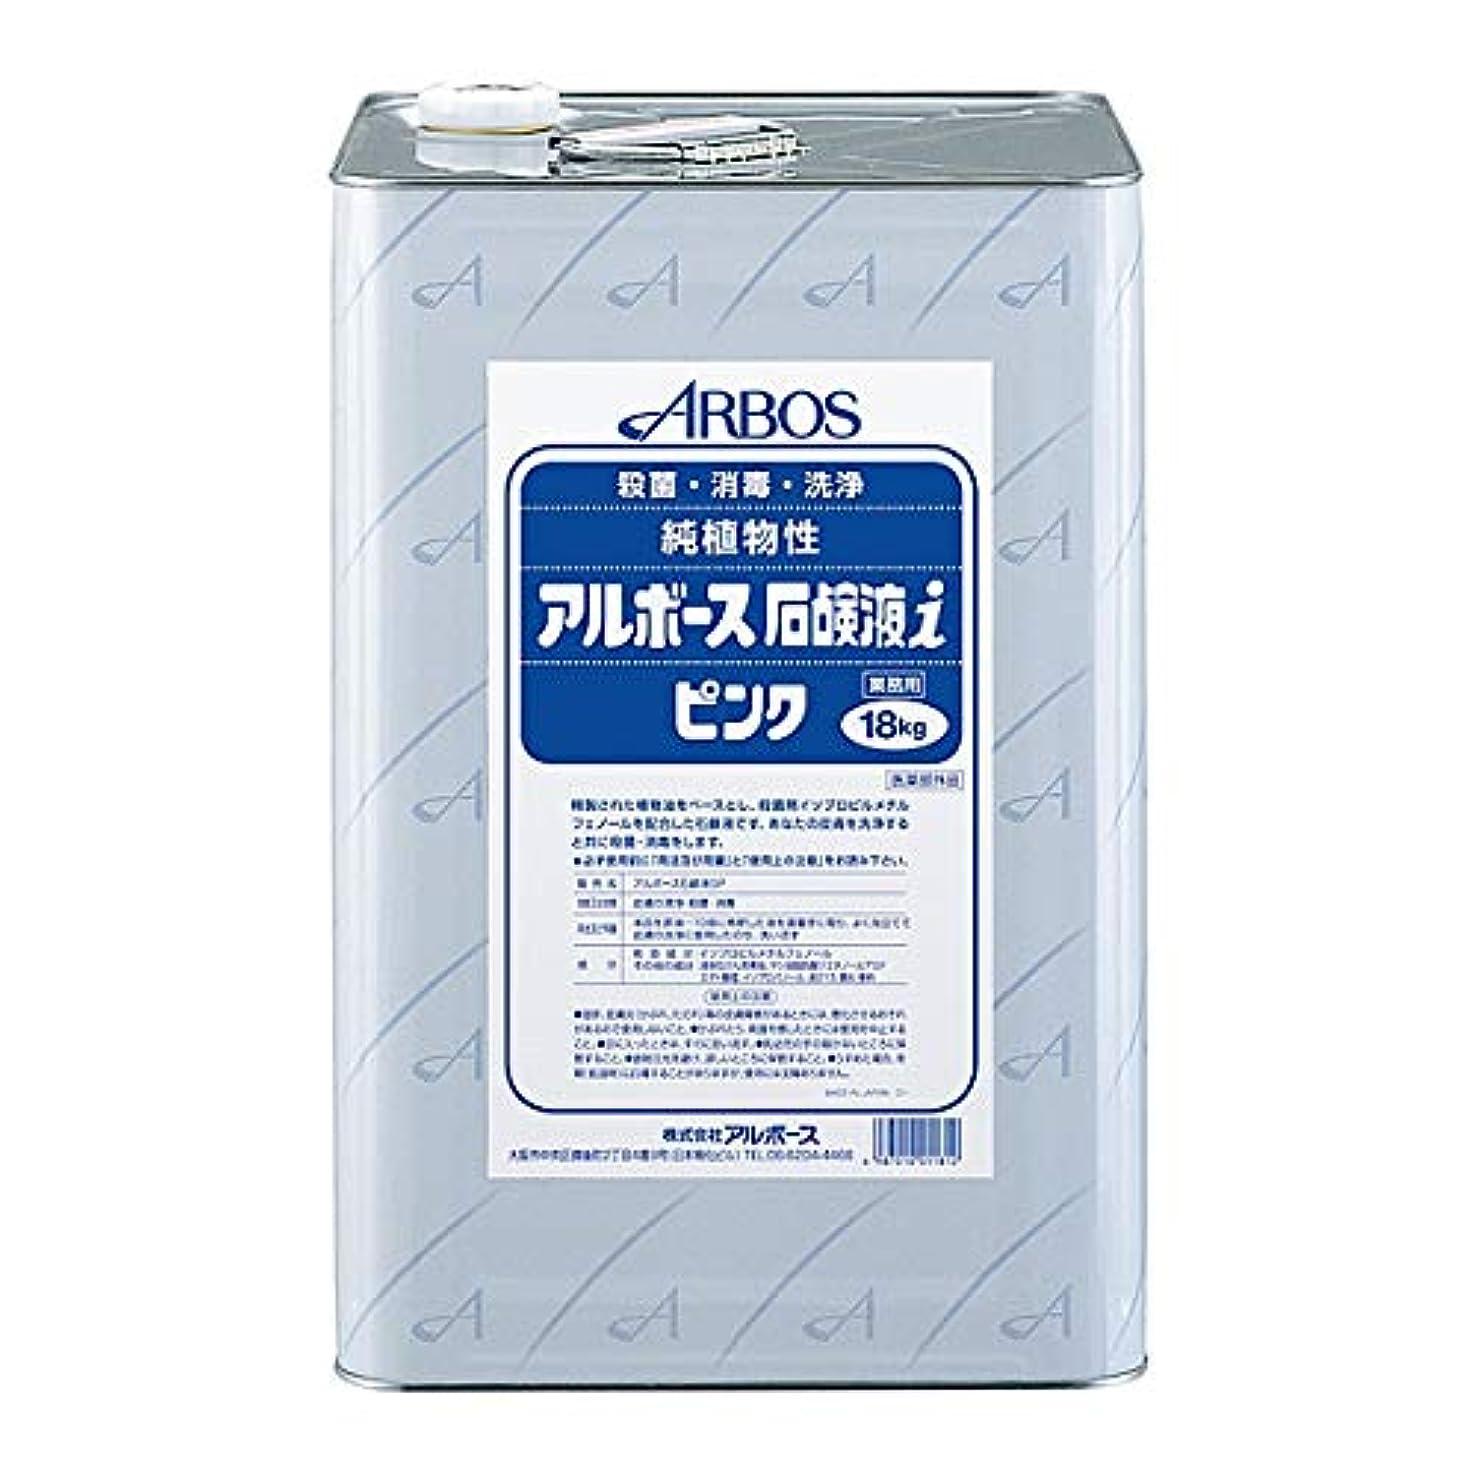 エッセンス主要な早熟【清潔キレイ館】アルボース石鹸液i ピンク(18L)+つめブラシ1個 オマケ付